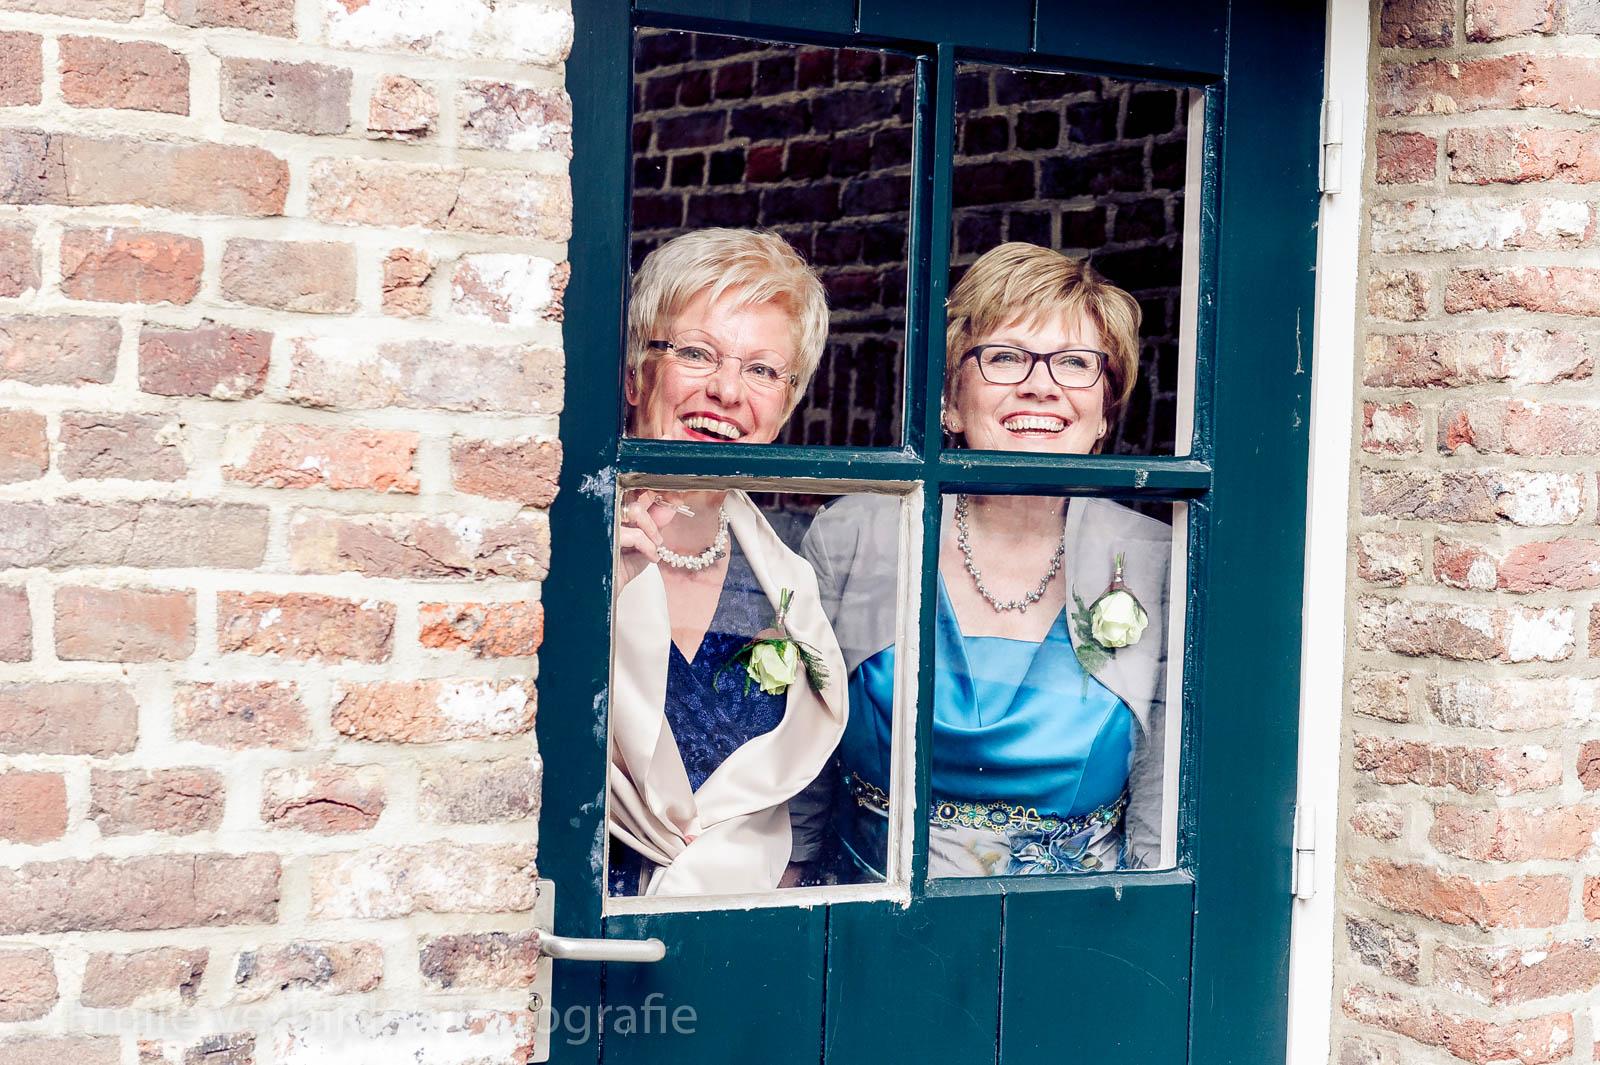 De beide moeders kijken toe naar de fotoshoot